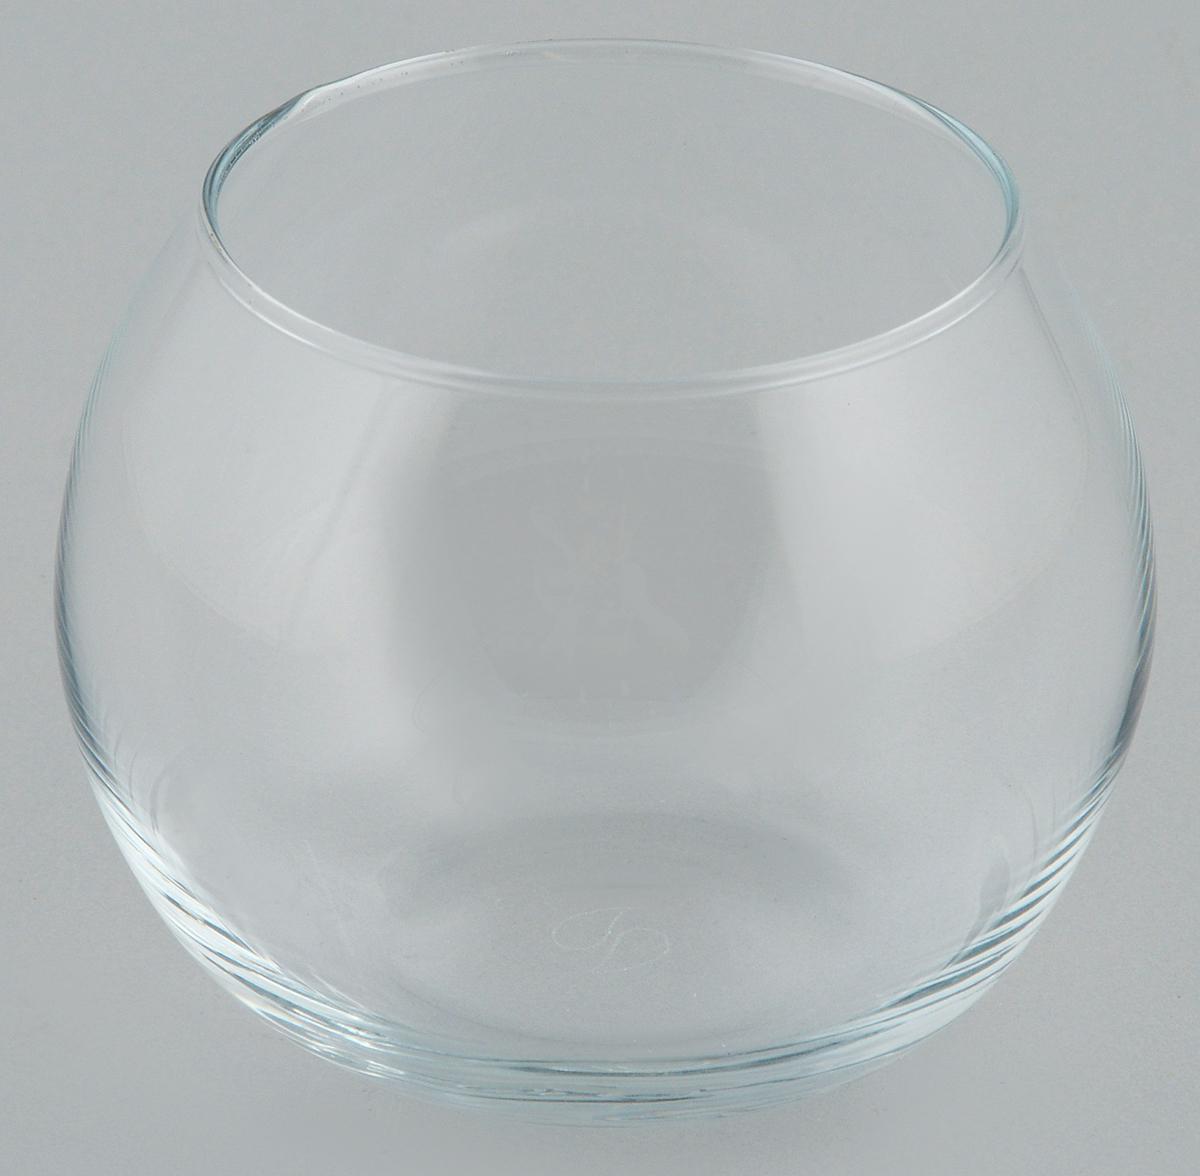 Ваза Pasabahce Flora, высота 7,9 см43407BДекоративная ваза Pasabahce Flora выполнена из высококачественного прозрачного стекла. Изделие придется по вкусу и ценителям классики, и тем, кто предпочитает утонченность и изящность. Вы можете поставить вазу в любом месте, где она будет удачно смотреться и радовать глаз. Такая ваза подойдет для декора интерьера. Кроме того - это отличный вариант подарка для ваших близких и друзей. Высота вазы: 7,9 см.